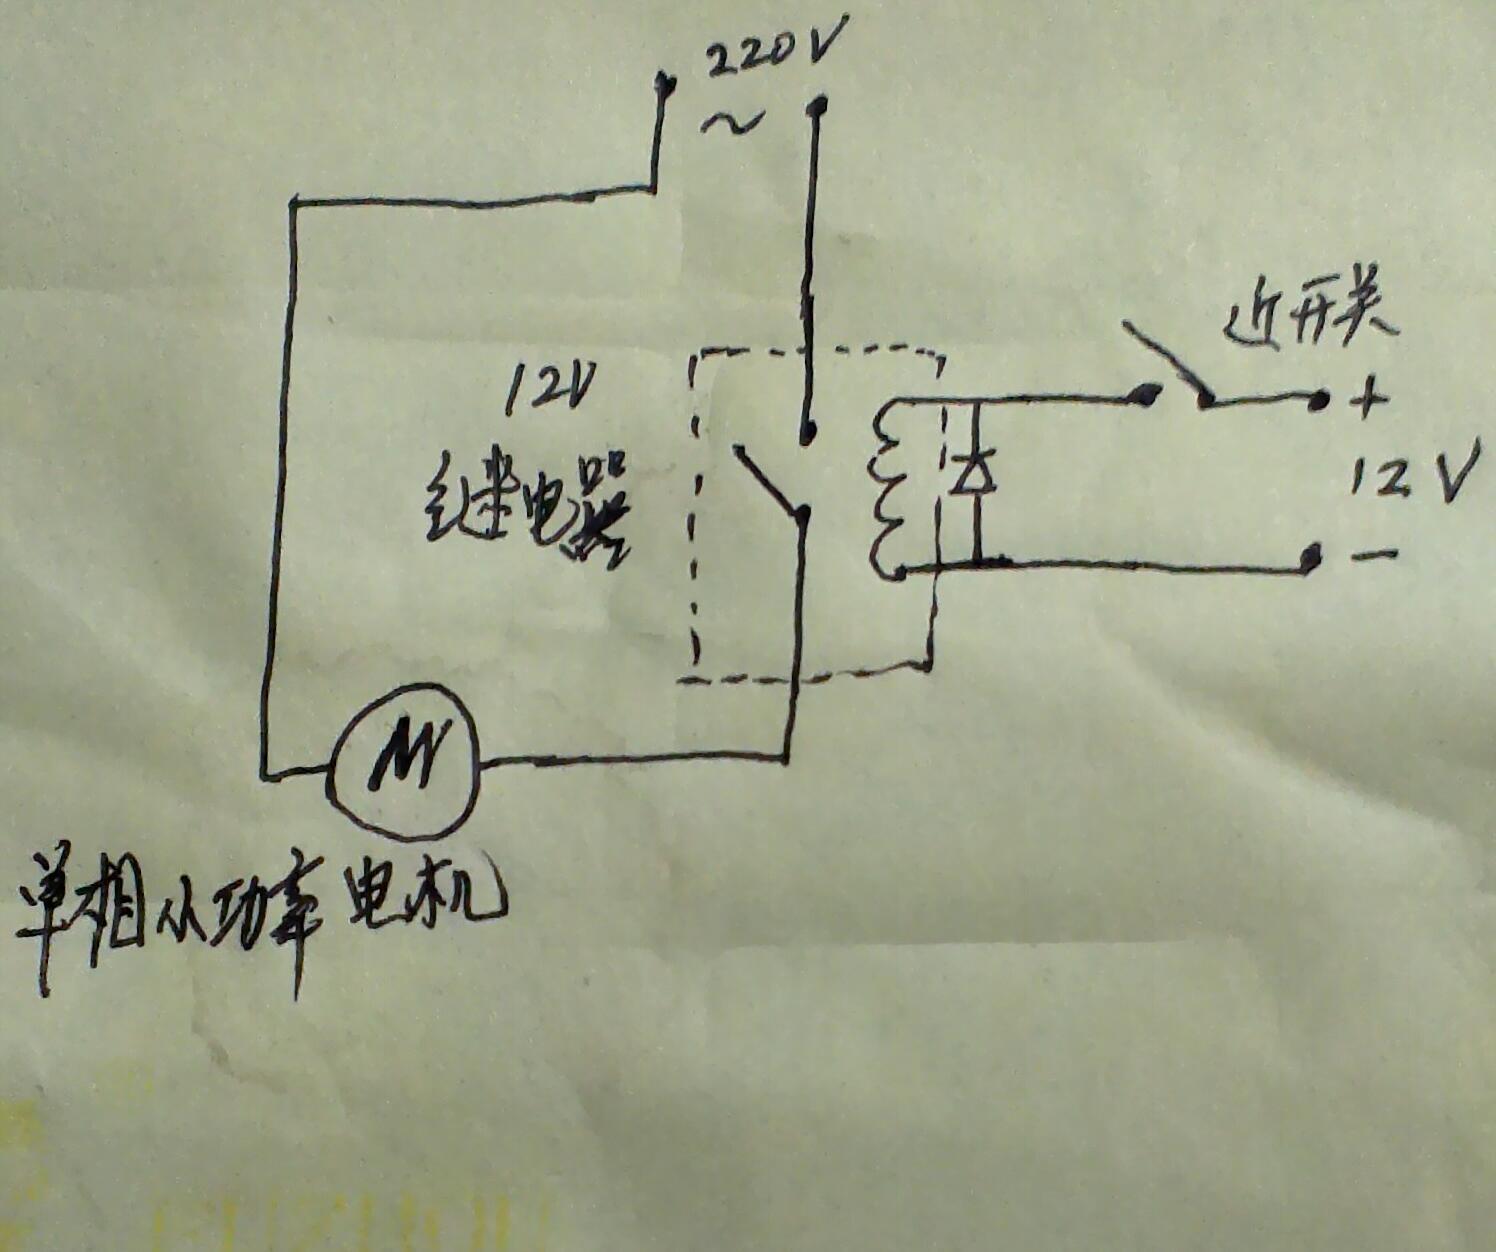 用dc12v的继电器接上接近开关,再把电机接上继电器,这样能通过接近